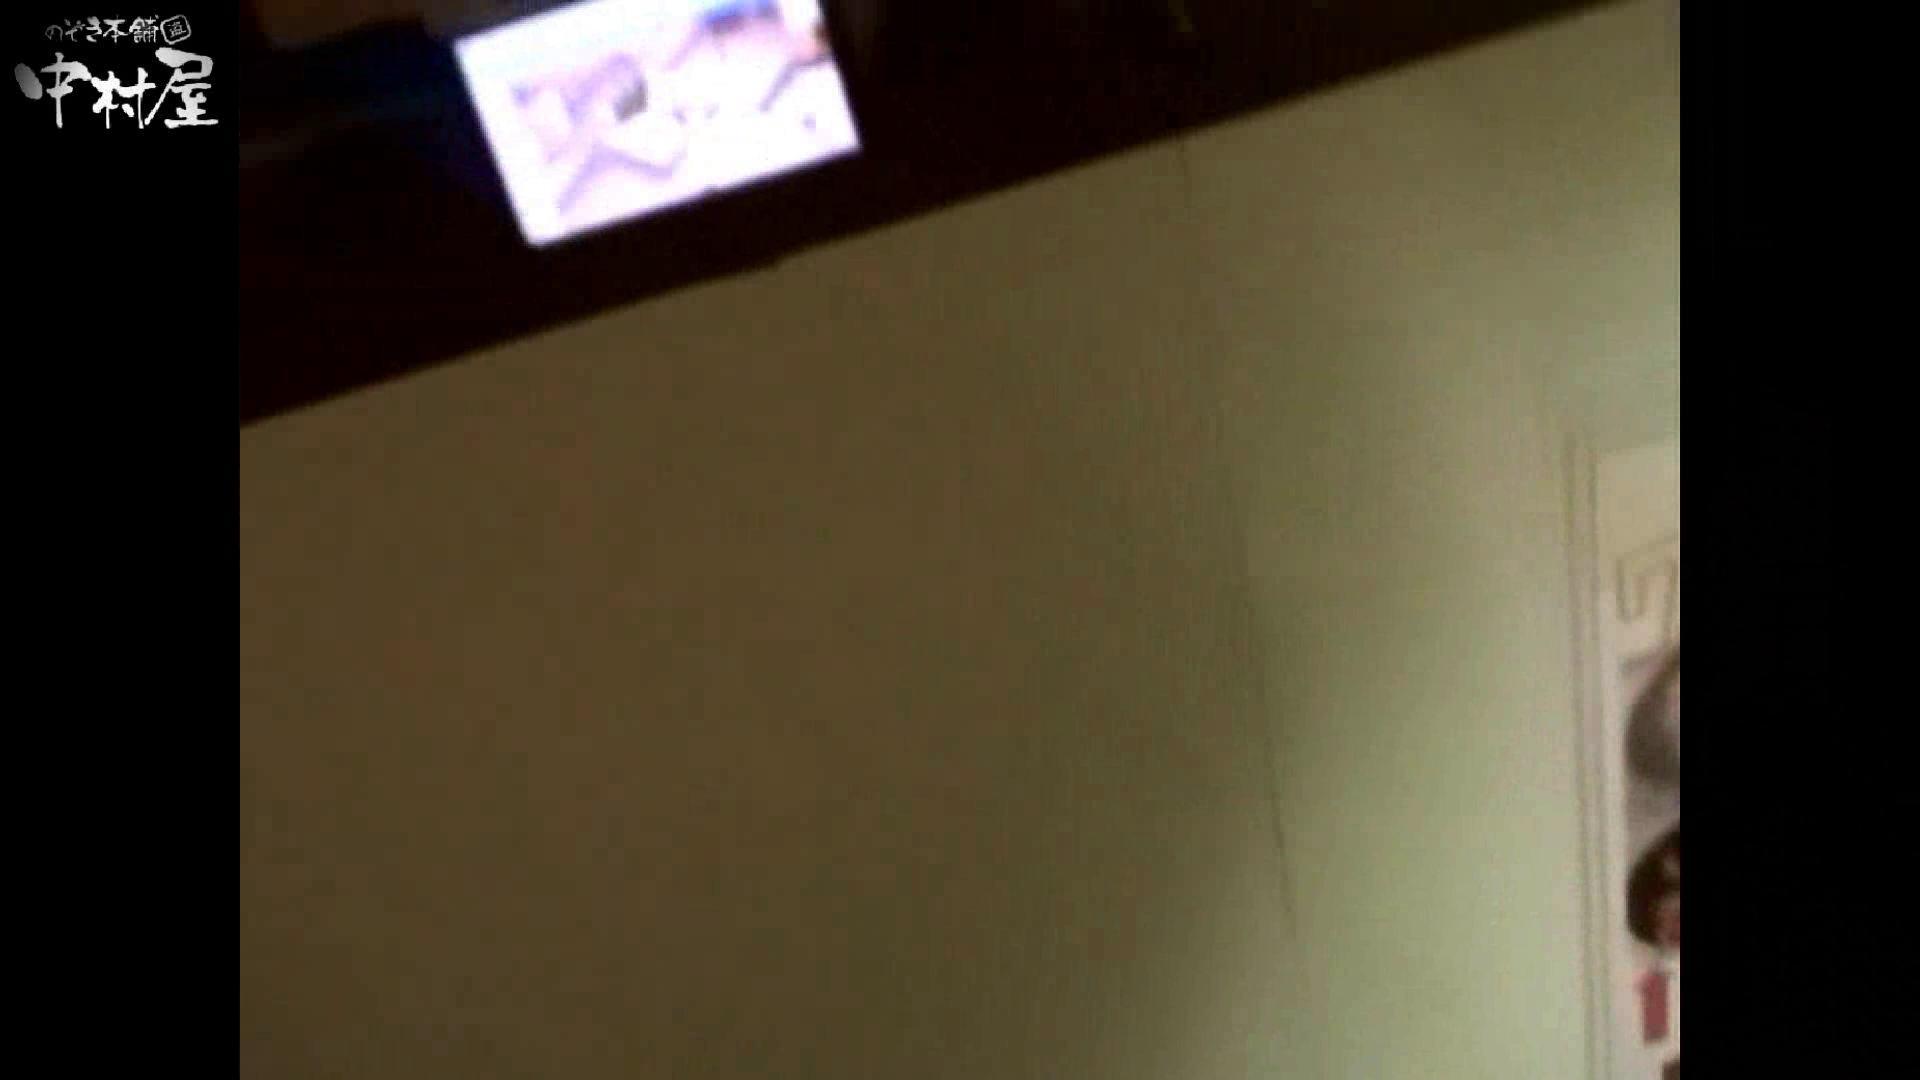 インターネットカフェの中で起こっている出来事 vol.017 OLのエロ生活 | 卑猥  66連発 1